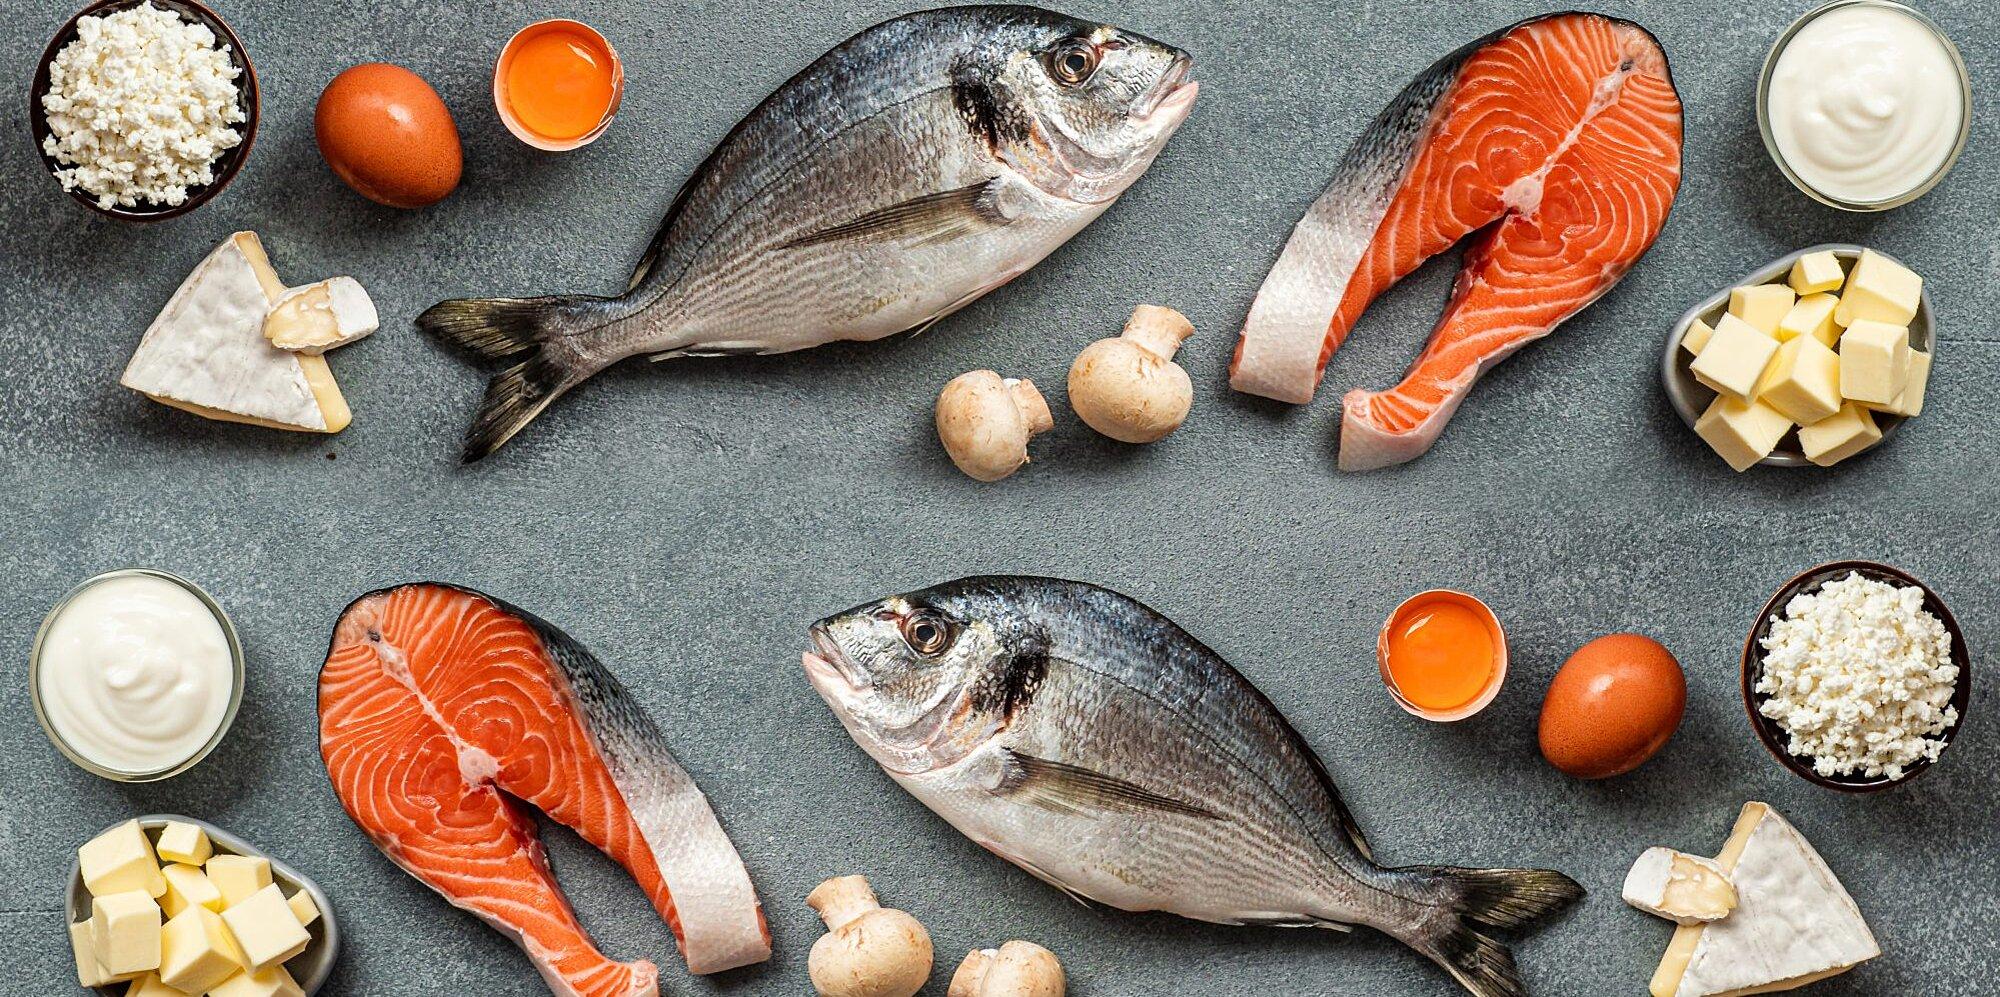 การรับประทานอาหารที่มีวิตามินสูง